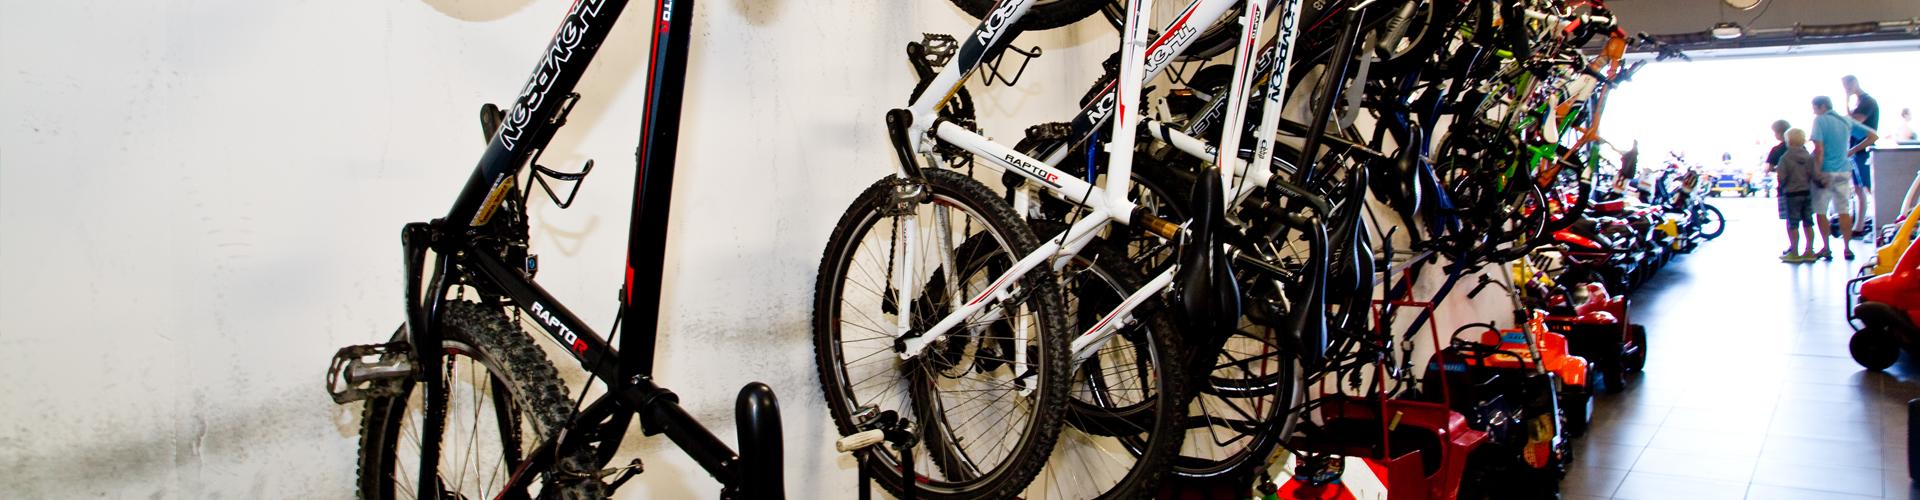 Verhuur fietsen